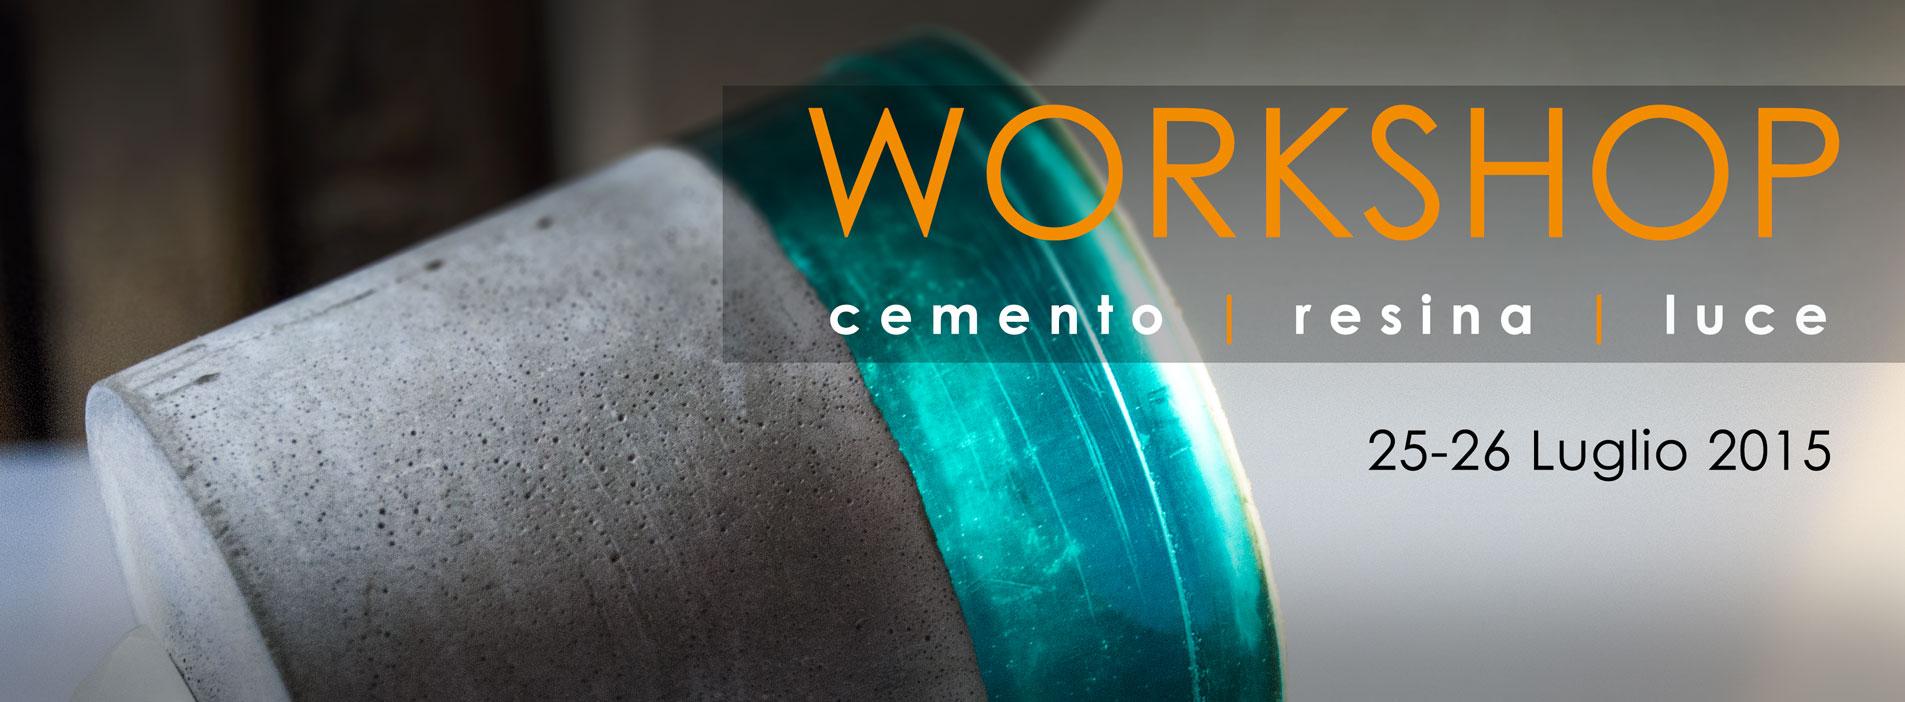 BANNER-WORKSHOP-OKO